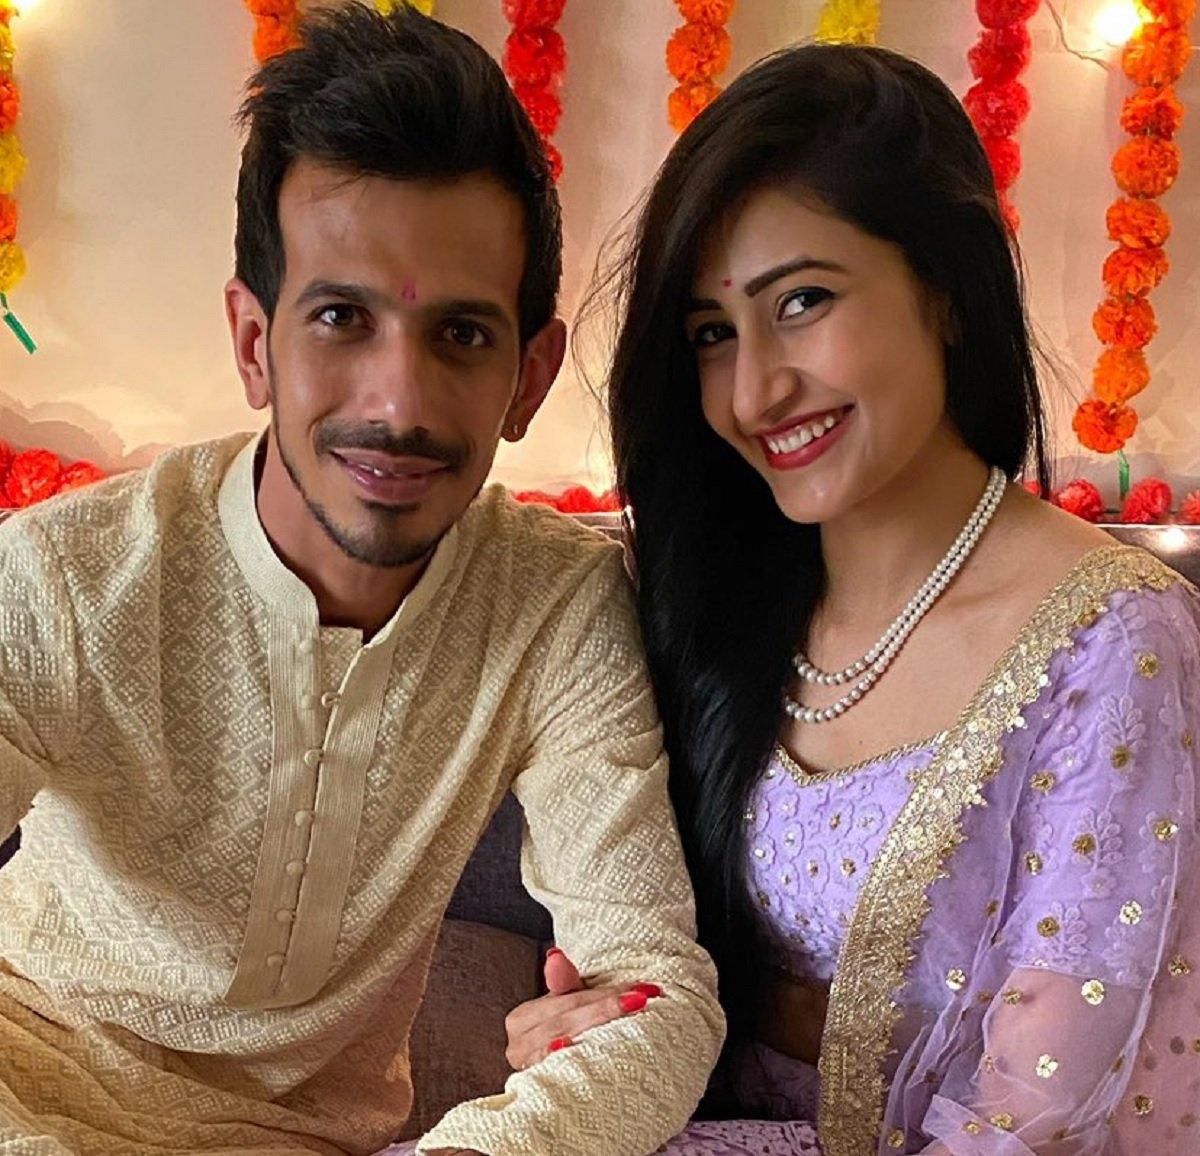 Yuzvendra Chahal Gets Engaged to Chreographer Dhanashree! Who is Dhanashree Verma?